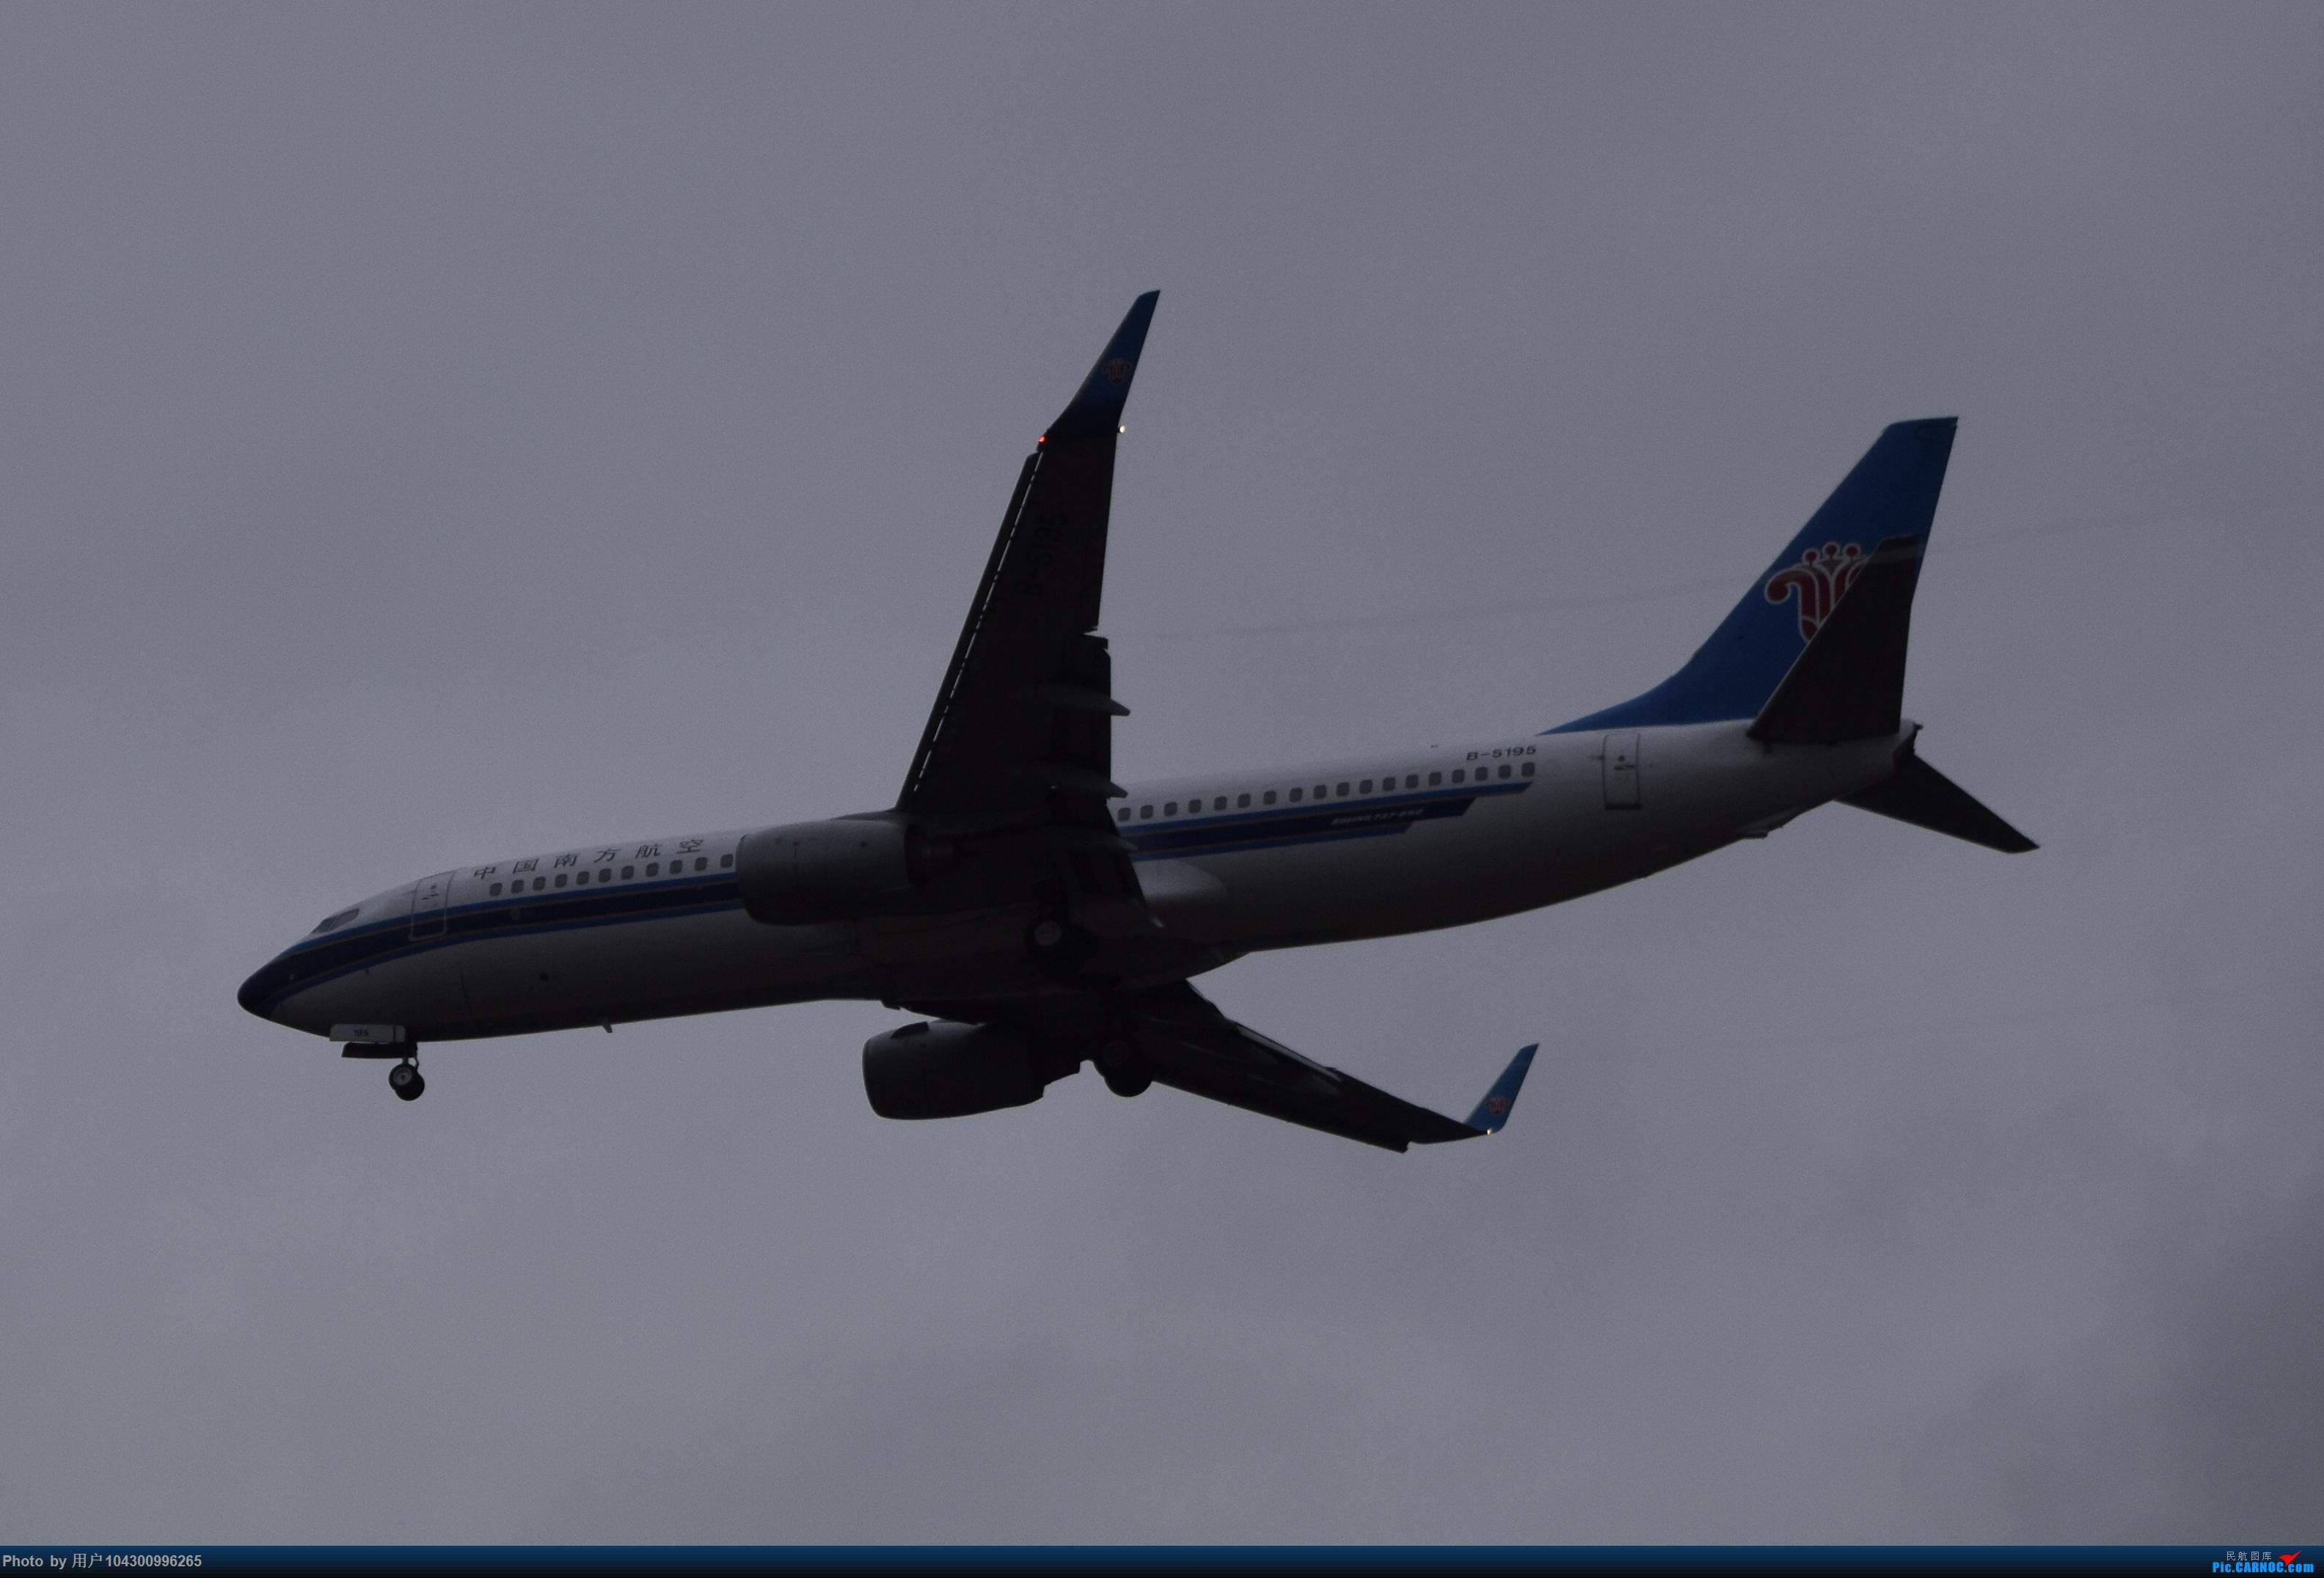 Re:[原创]乌云、雨雾之中的贵阳龙洞堡 BOEING 737-800 B-5195 中国贵阳龙洞堡国际机场